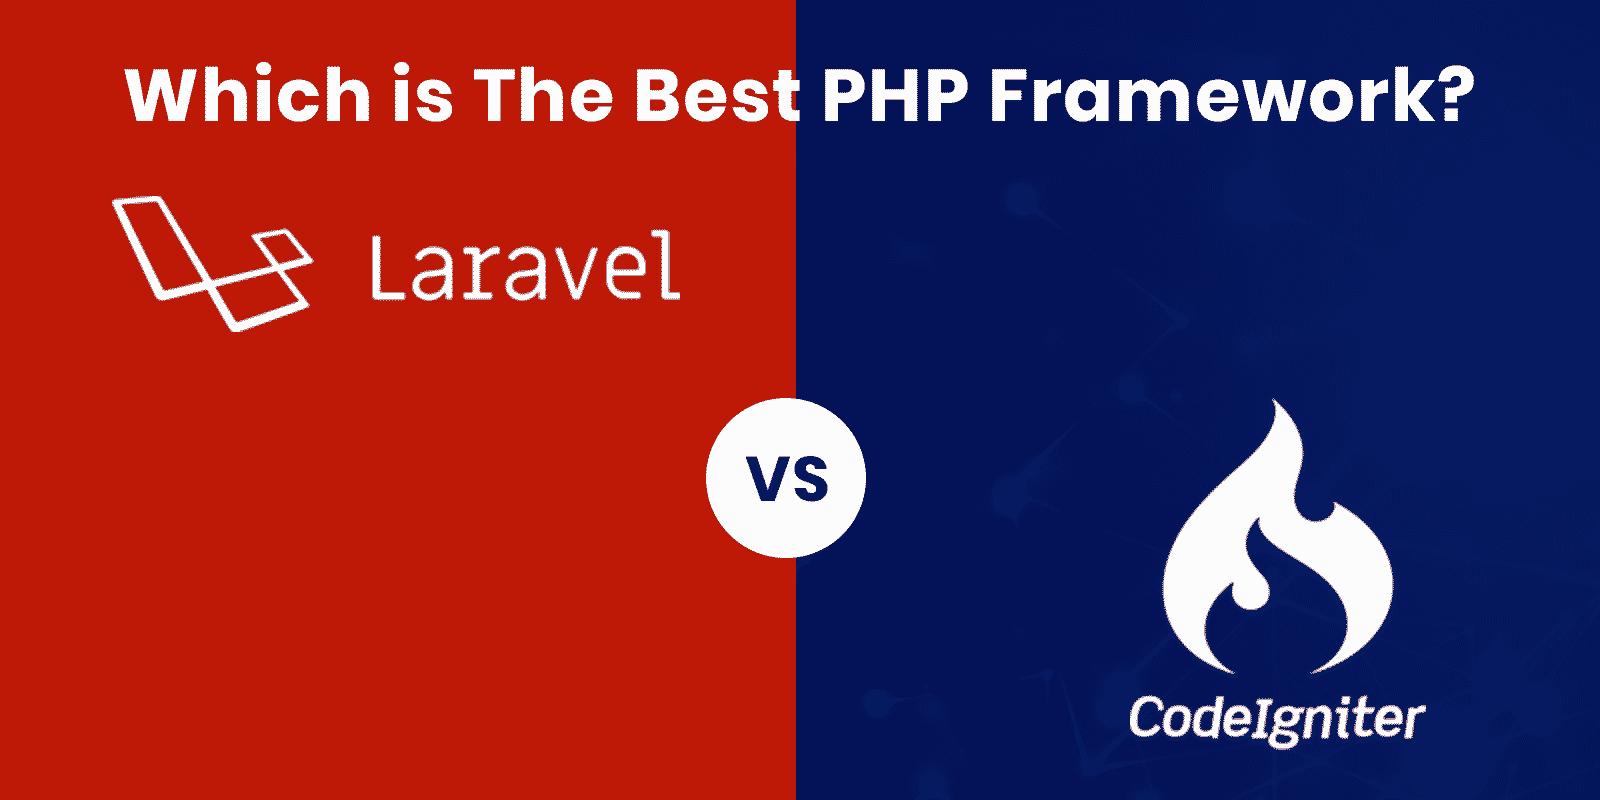 Best Laravel vs CodeIgniter